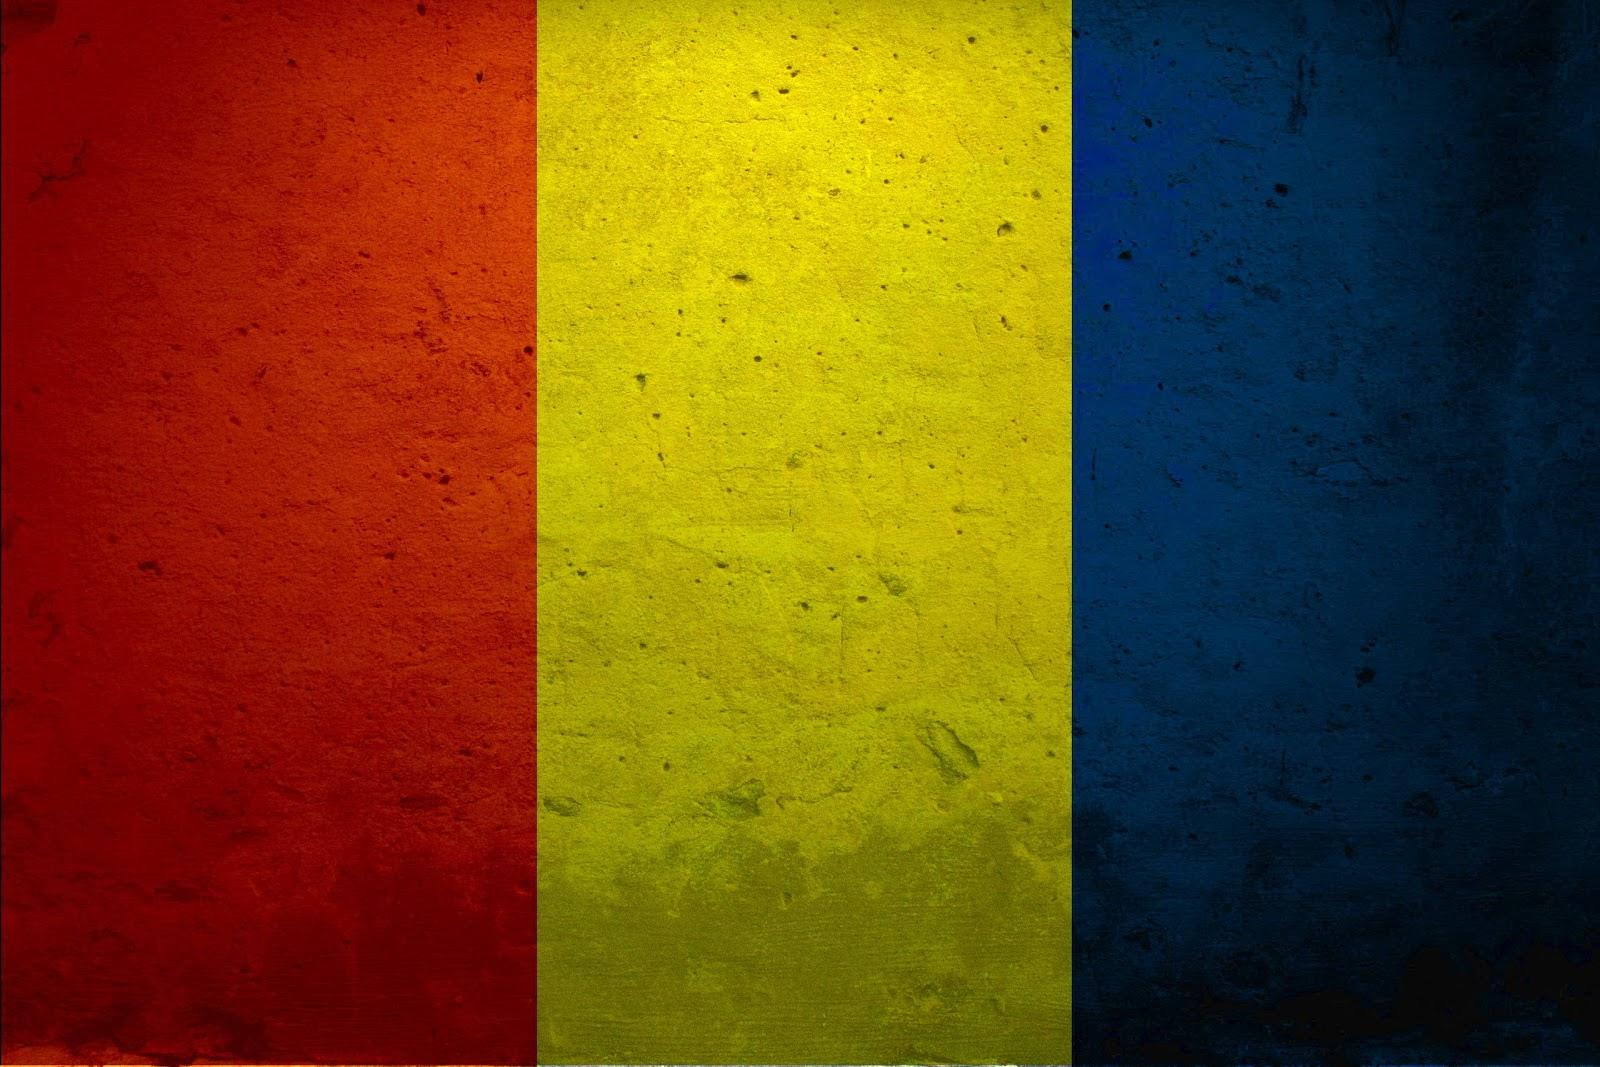 http://1.bp.blogspot.com/-lzausN2EoUw/TtdenR2cRuI/AAAAAAAACh4/EgTZeFZffyA/s1600/Romania.jpg